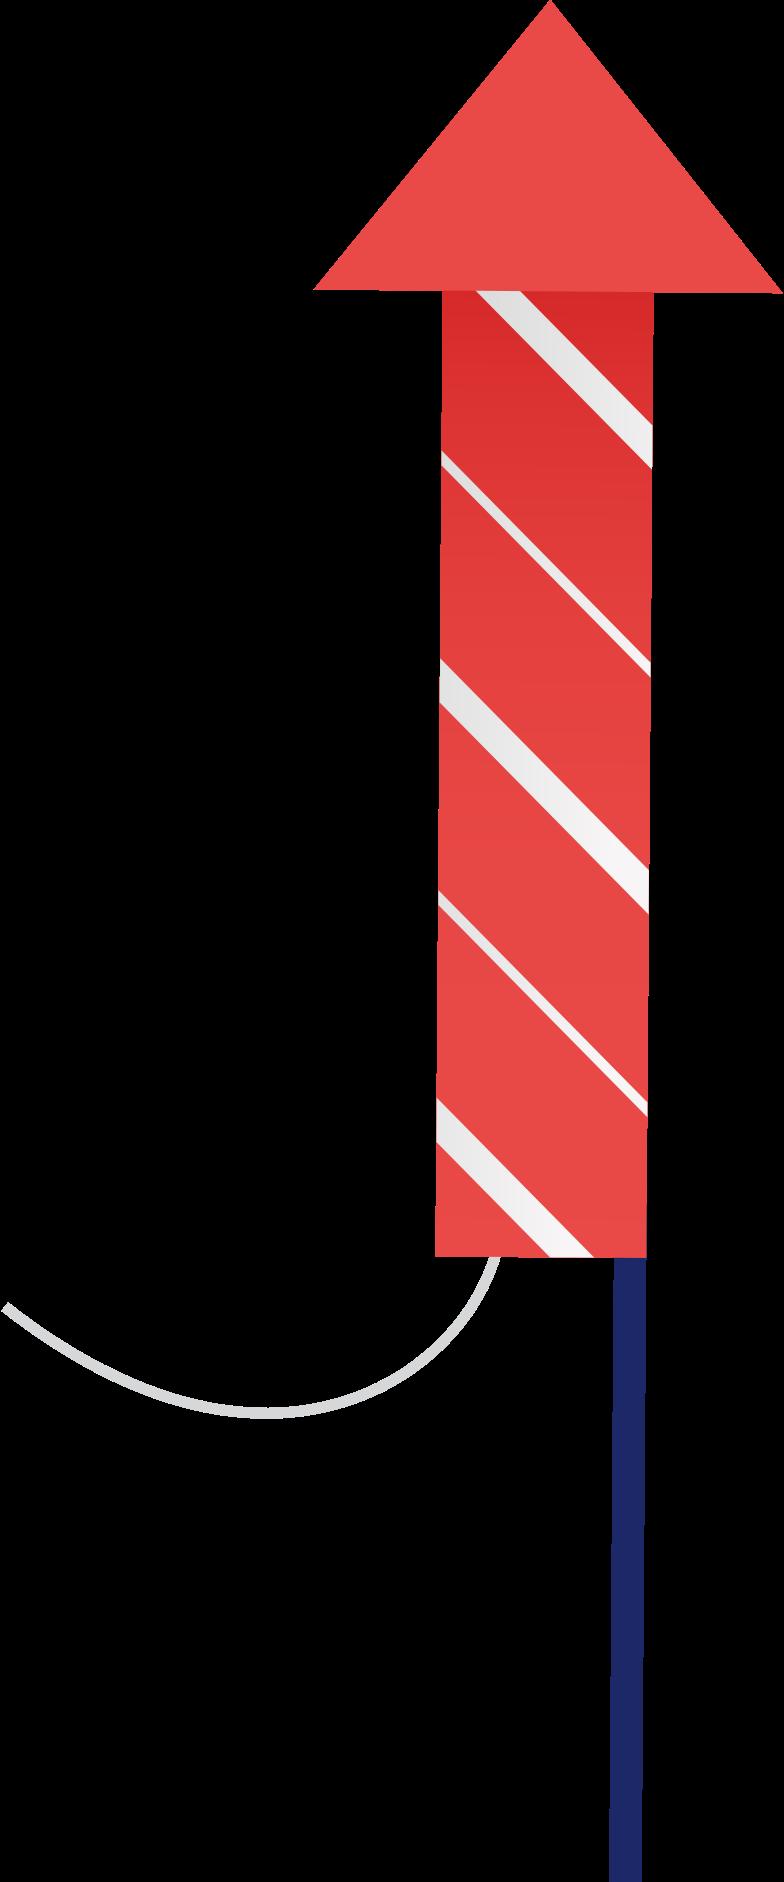 스타일 로켓 불꽃 PNG 및 SVG 형식의 벡터 이미지   Icons8 일러스트레이션